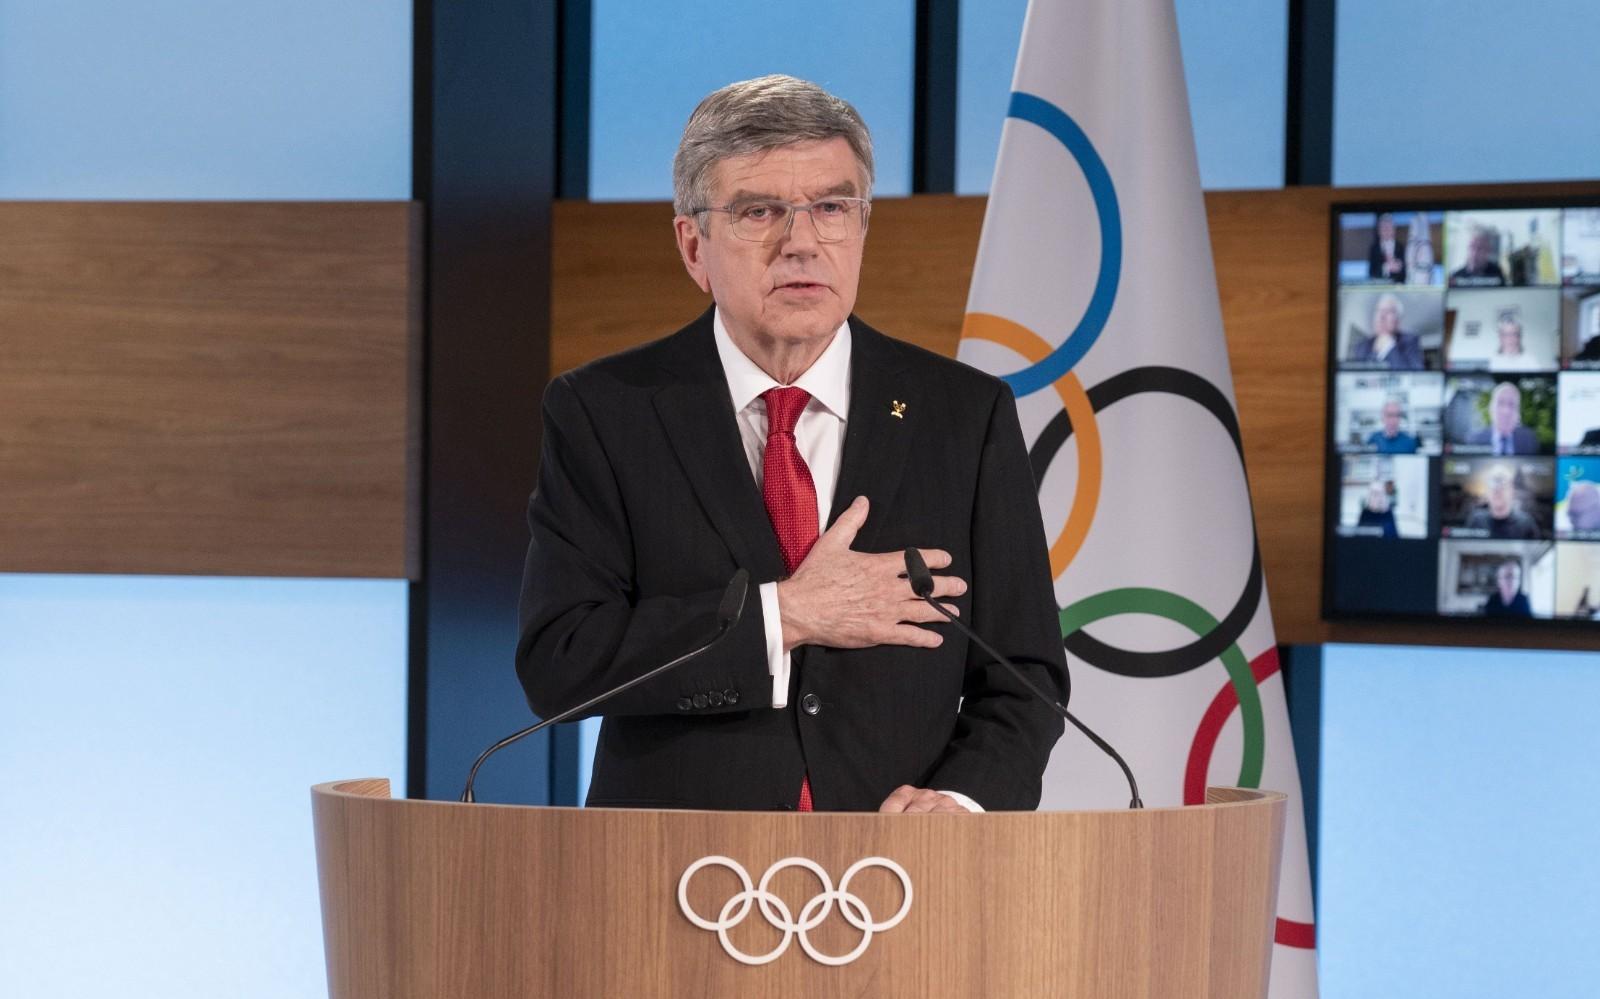 担忧新冠疫情 几内亚宣布退出东京奥运会